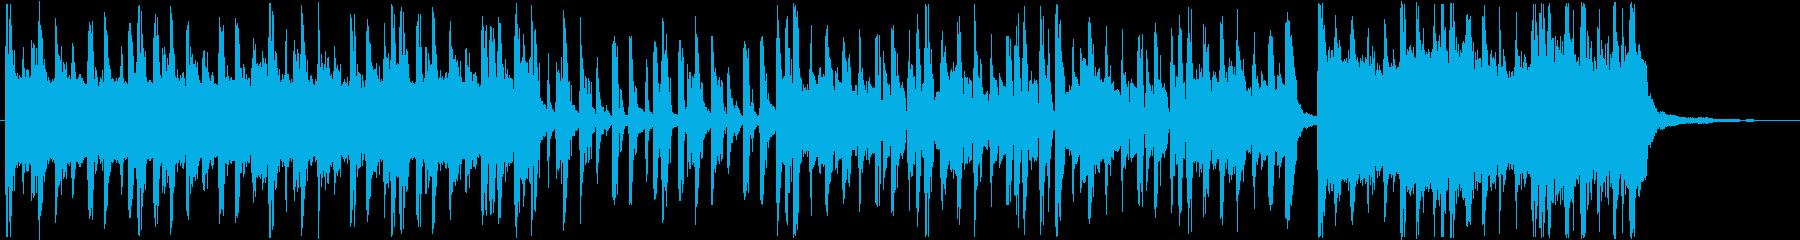 ギターとリズムマシーンのハードロックの再生済みの波形